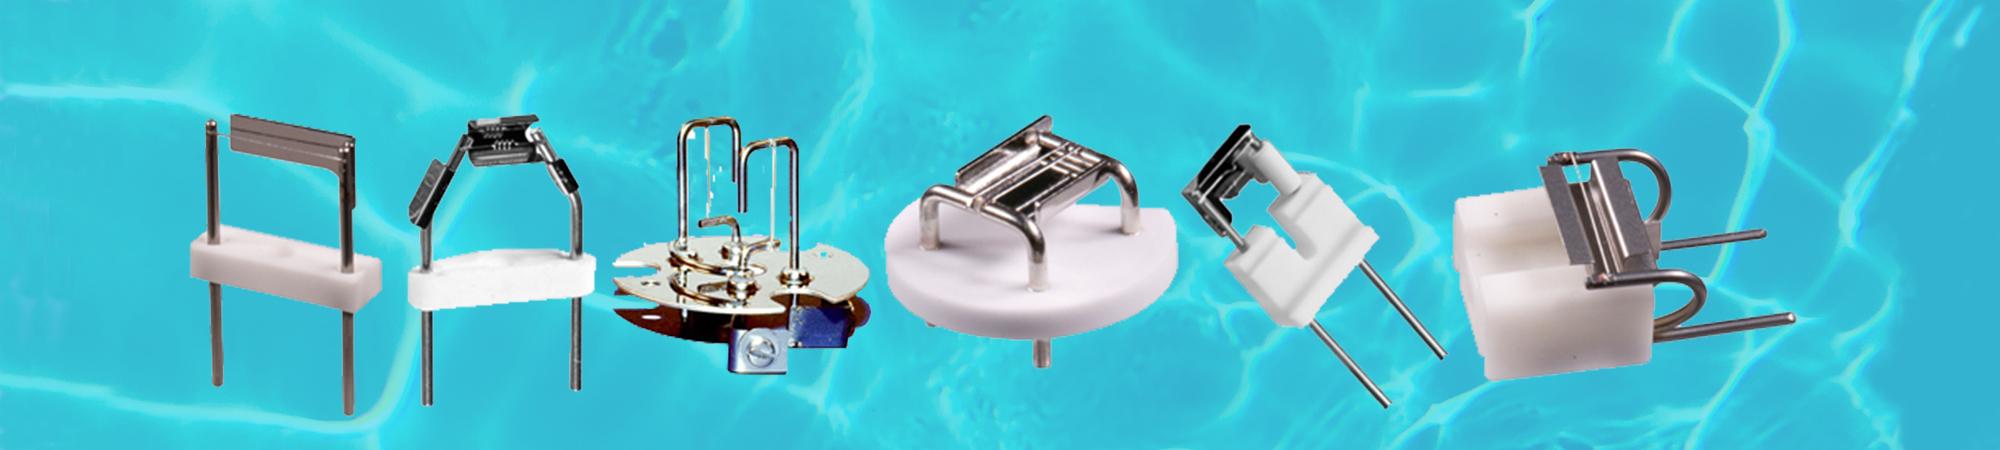 Filament Repair slider